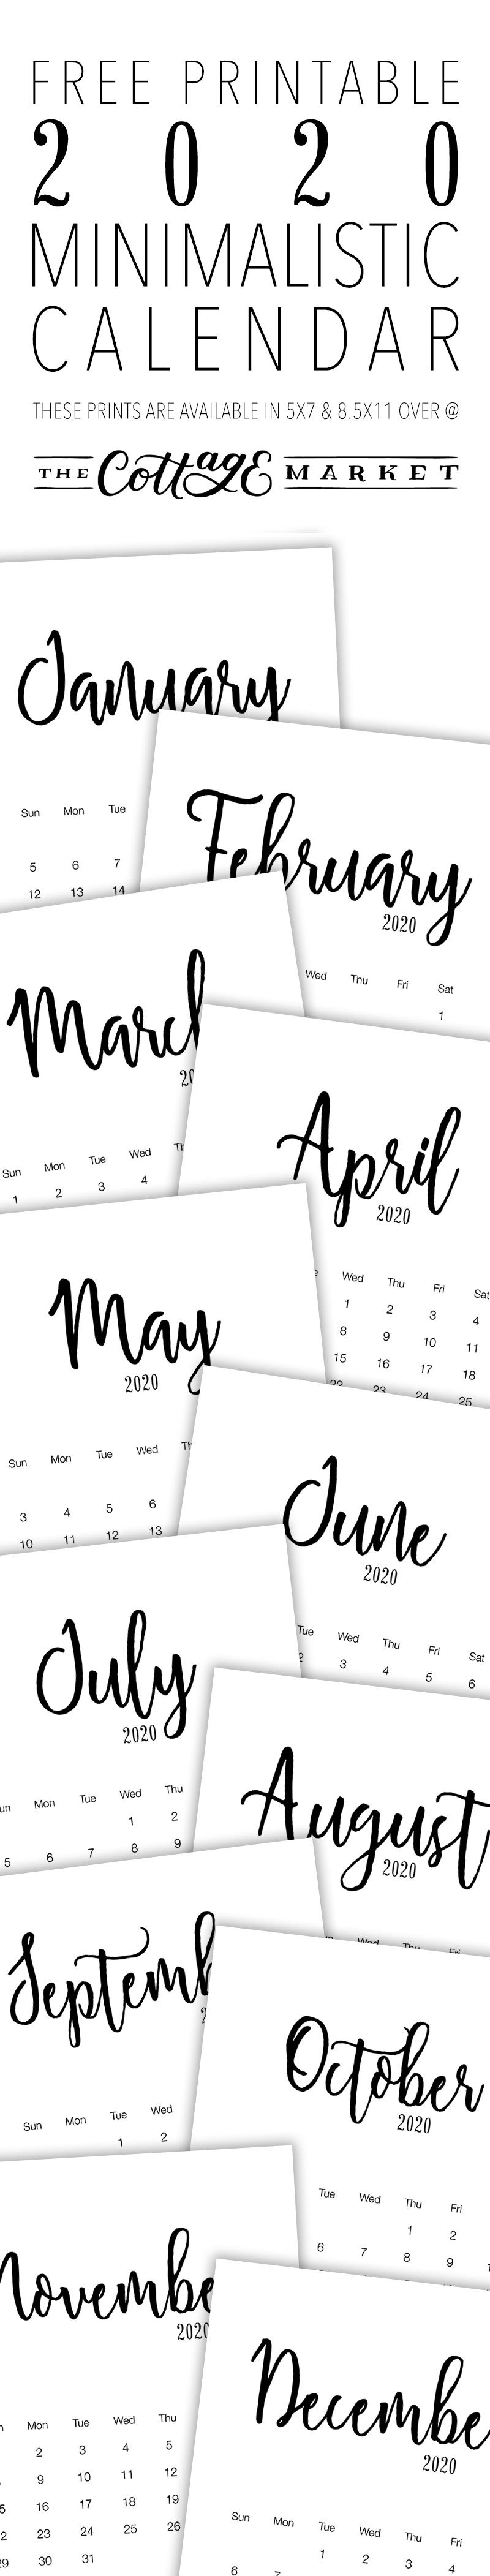 Free Printable 2020 Minimalist Calendar - The Cottage Market